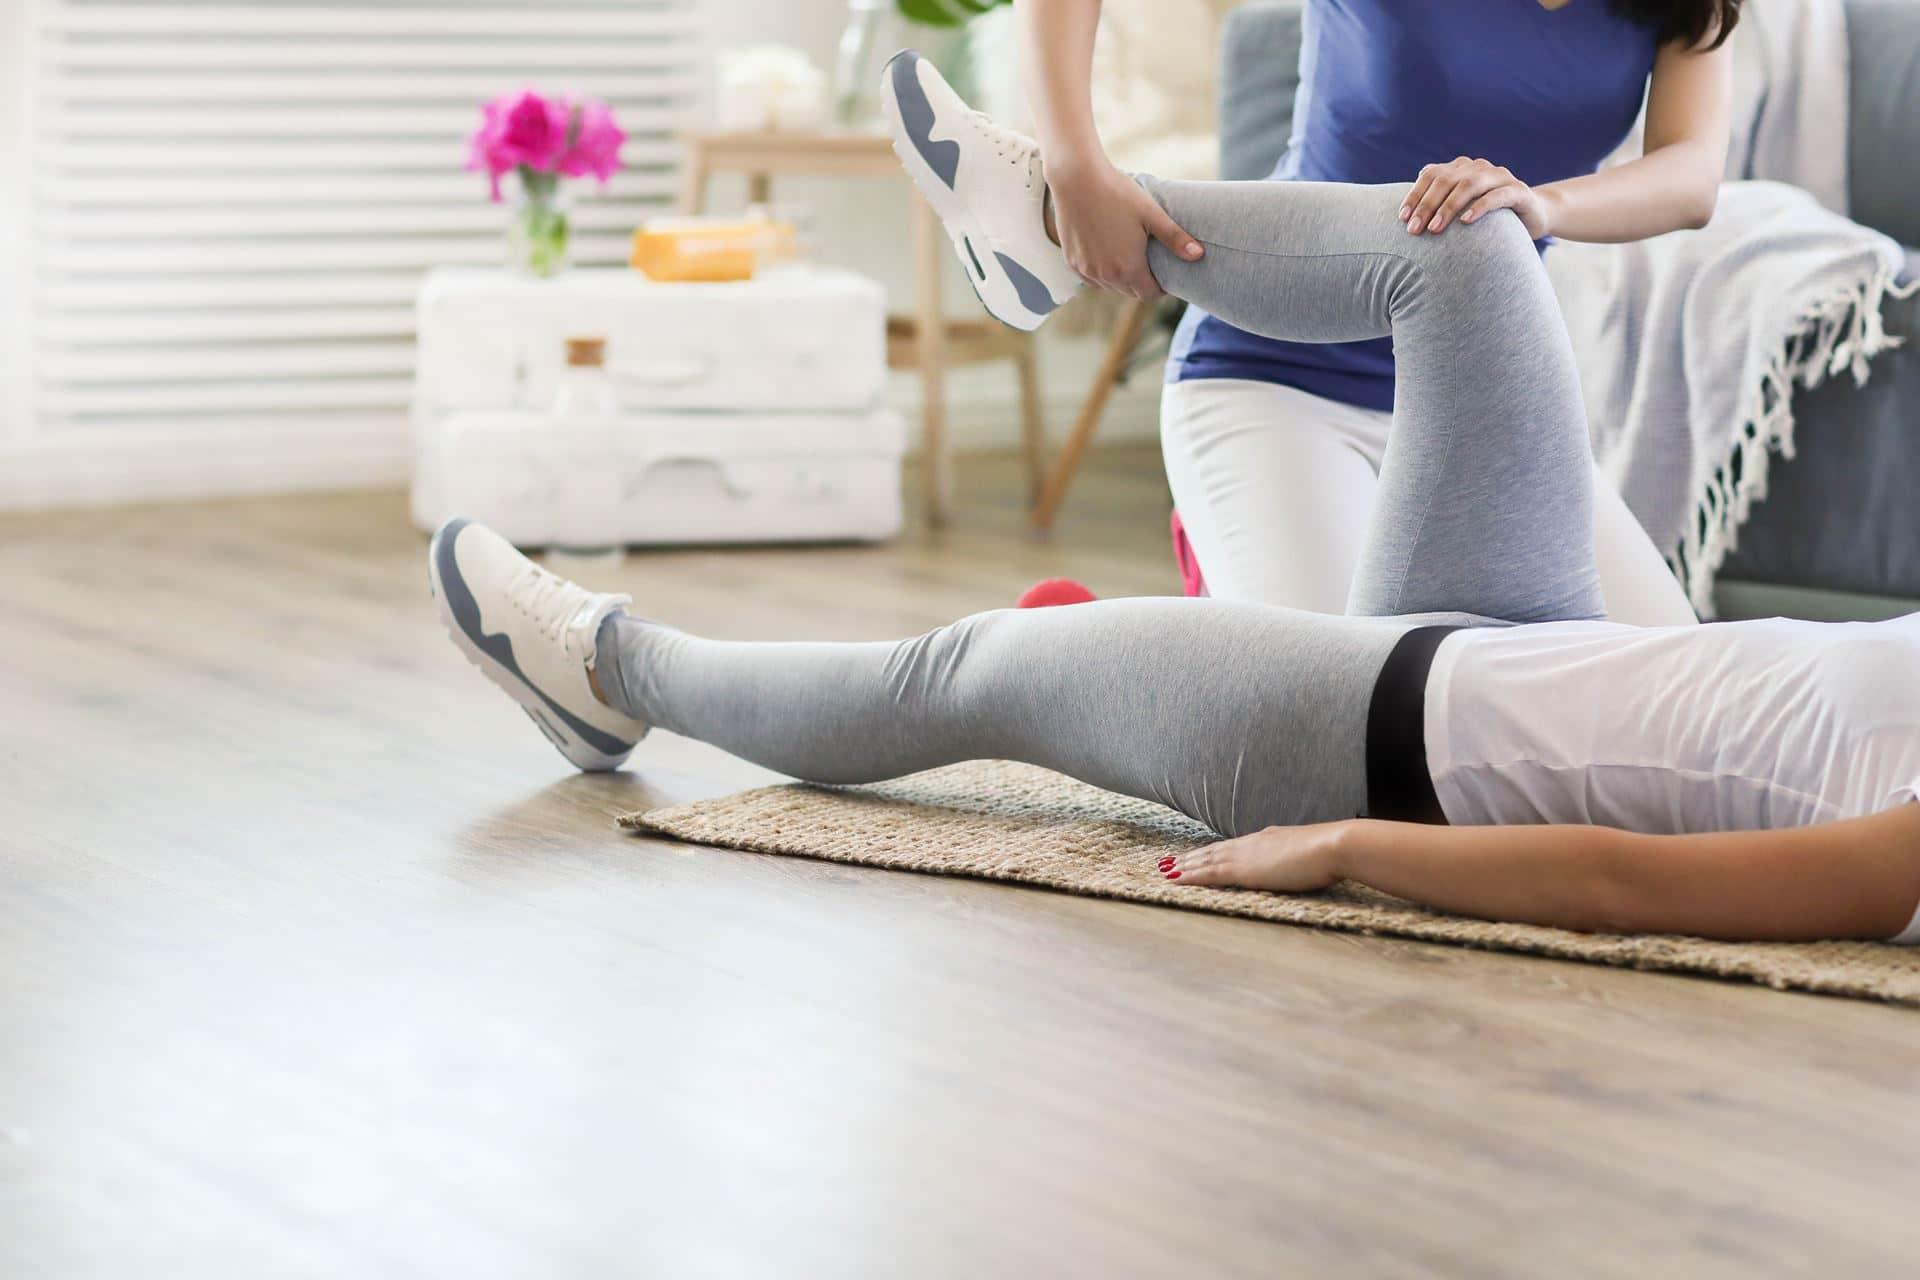 פיזיותרפיסט פרטי תל אביב Restart Therapy שיקום פרטי בבית הלקוח